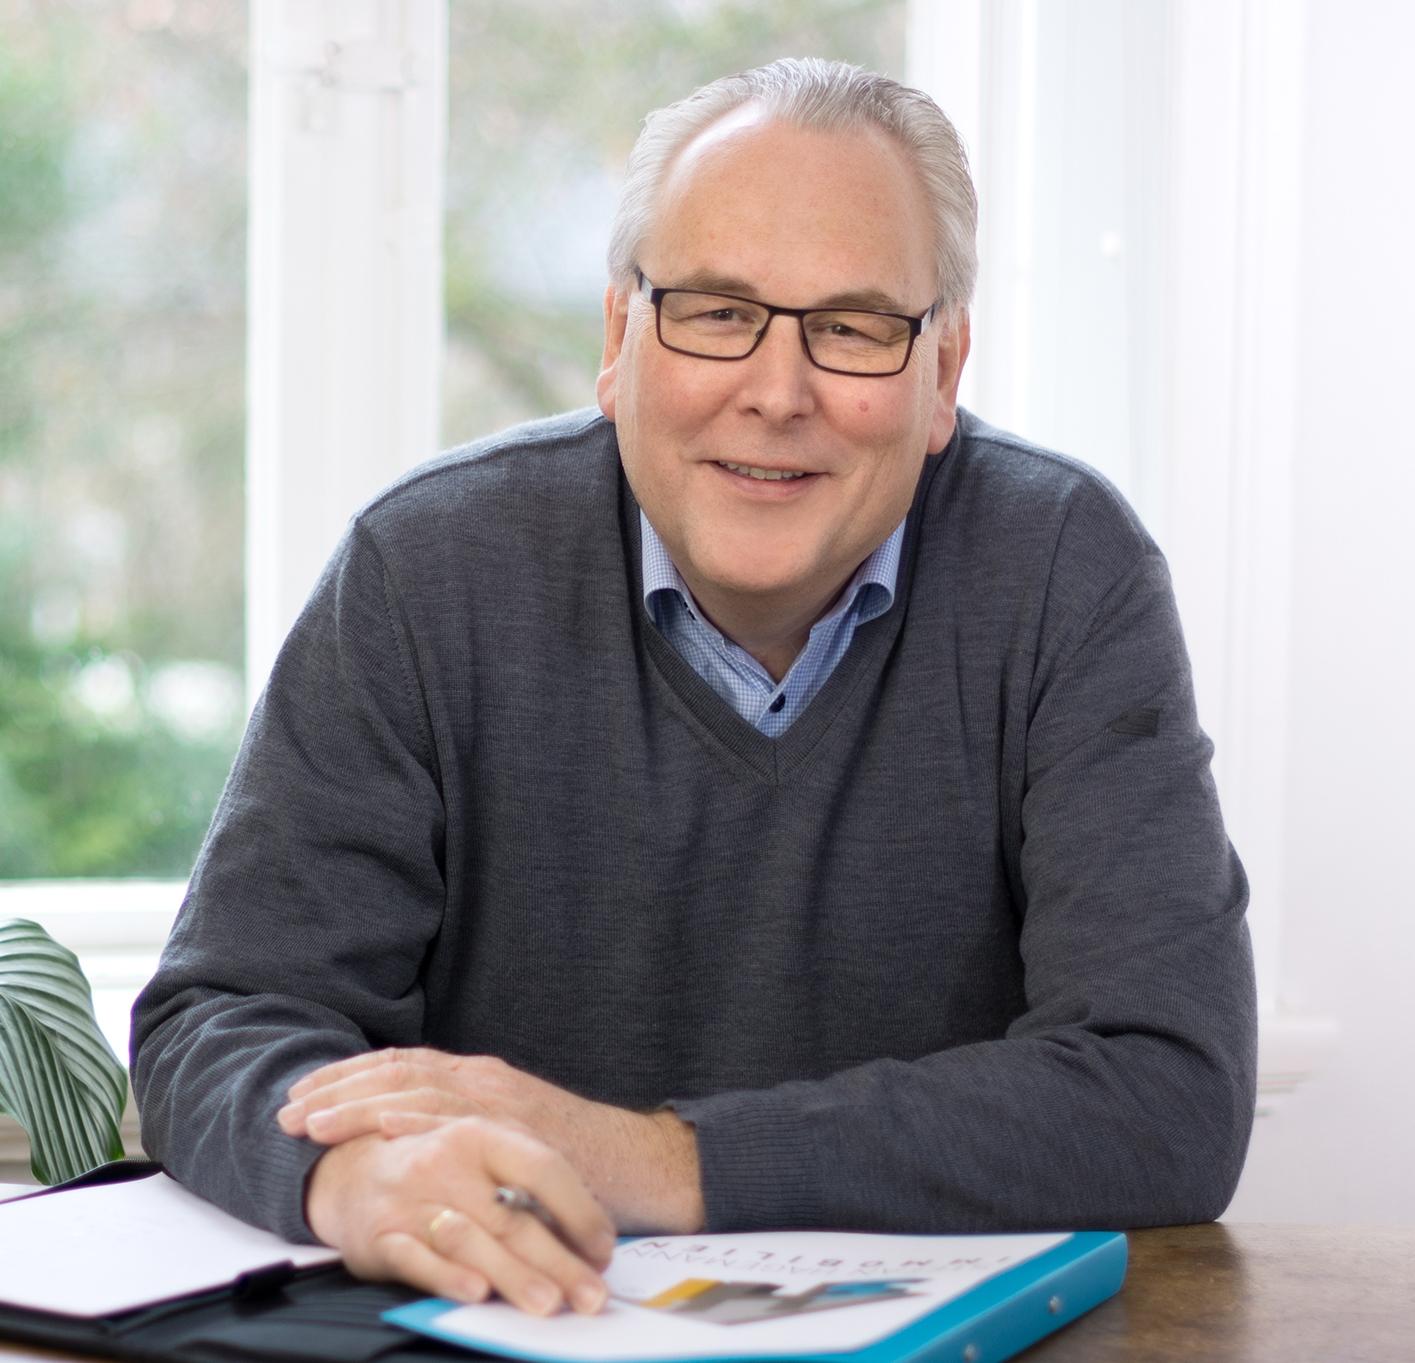 Immobilienexperte Stefan Hagemann - Immobilienmakler und geprüfter Sachverständiger für Immobilienbewertung (ZIS) mit über 25 jähriger Erfahrung im Immobiliengeschäft!